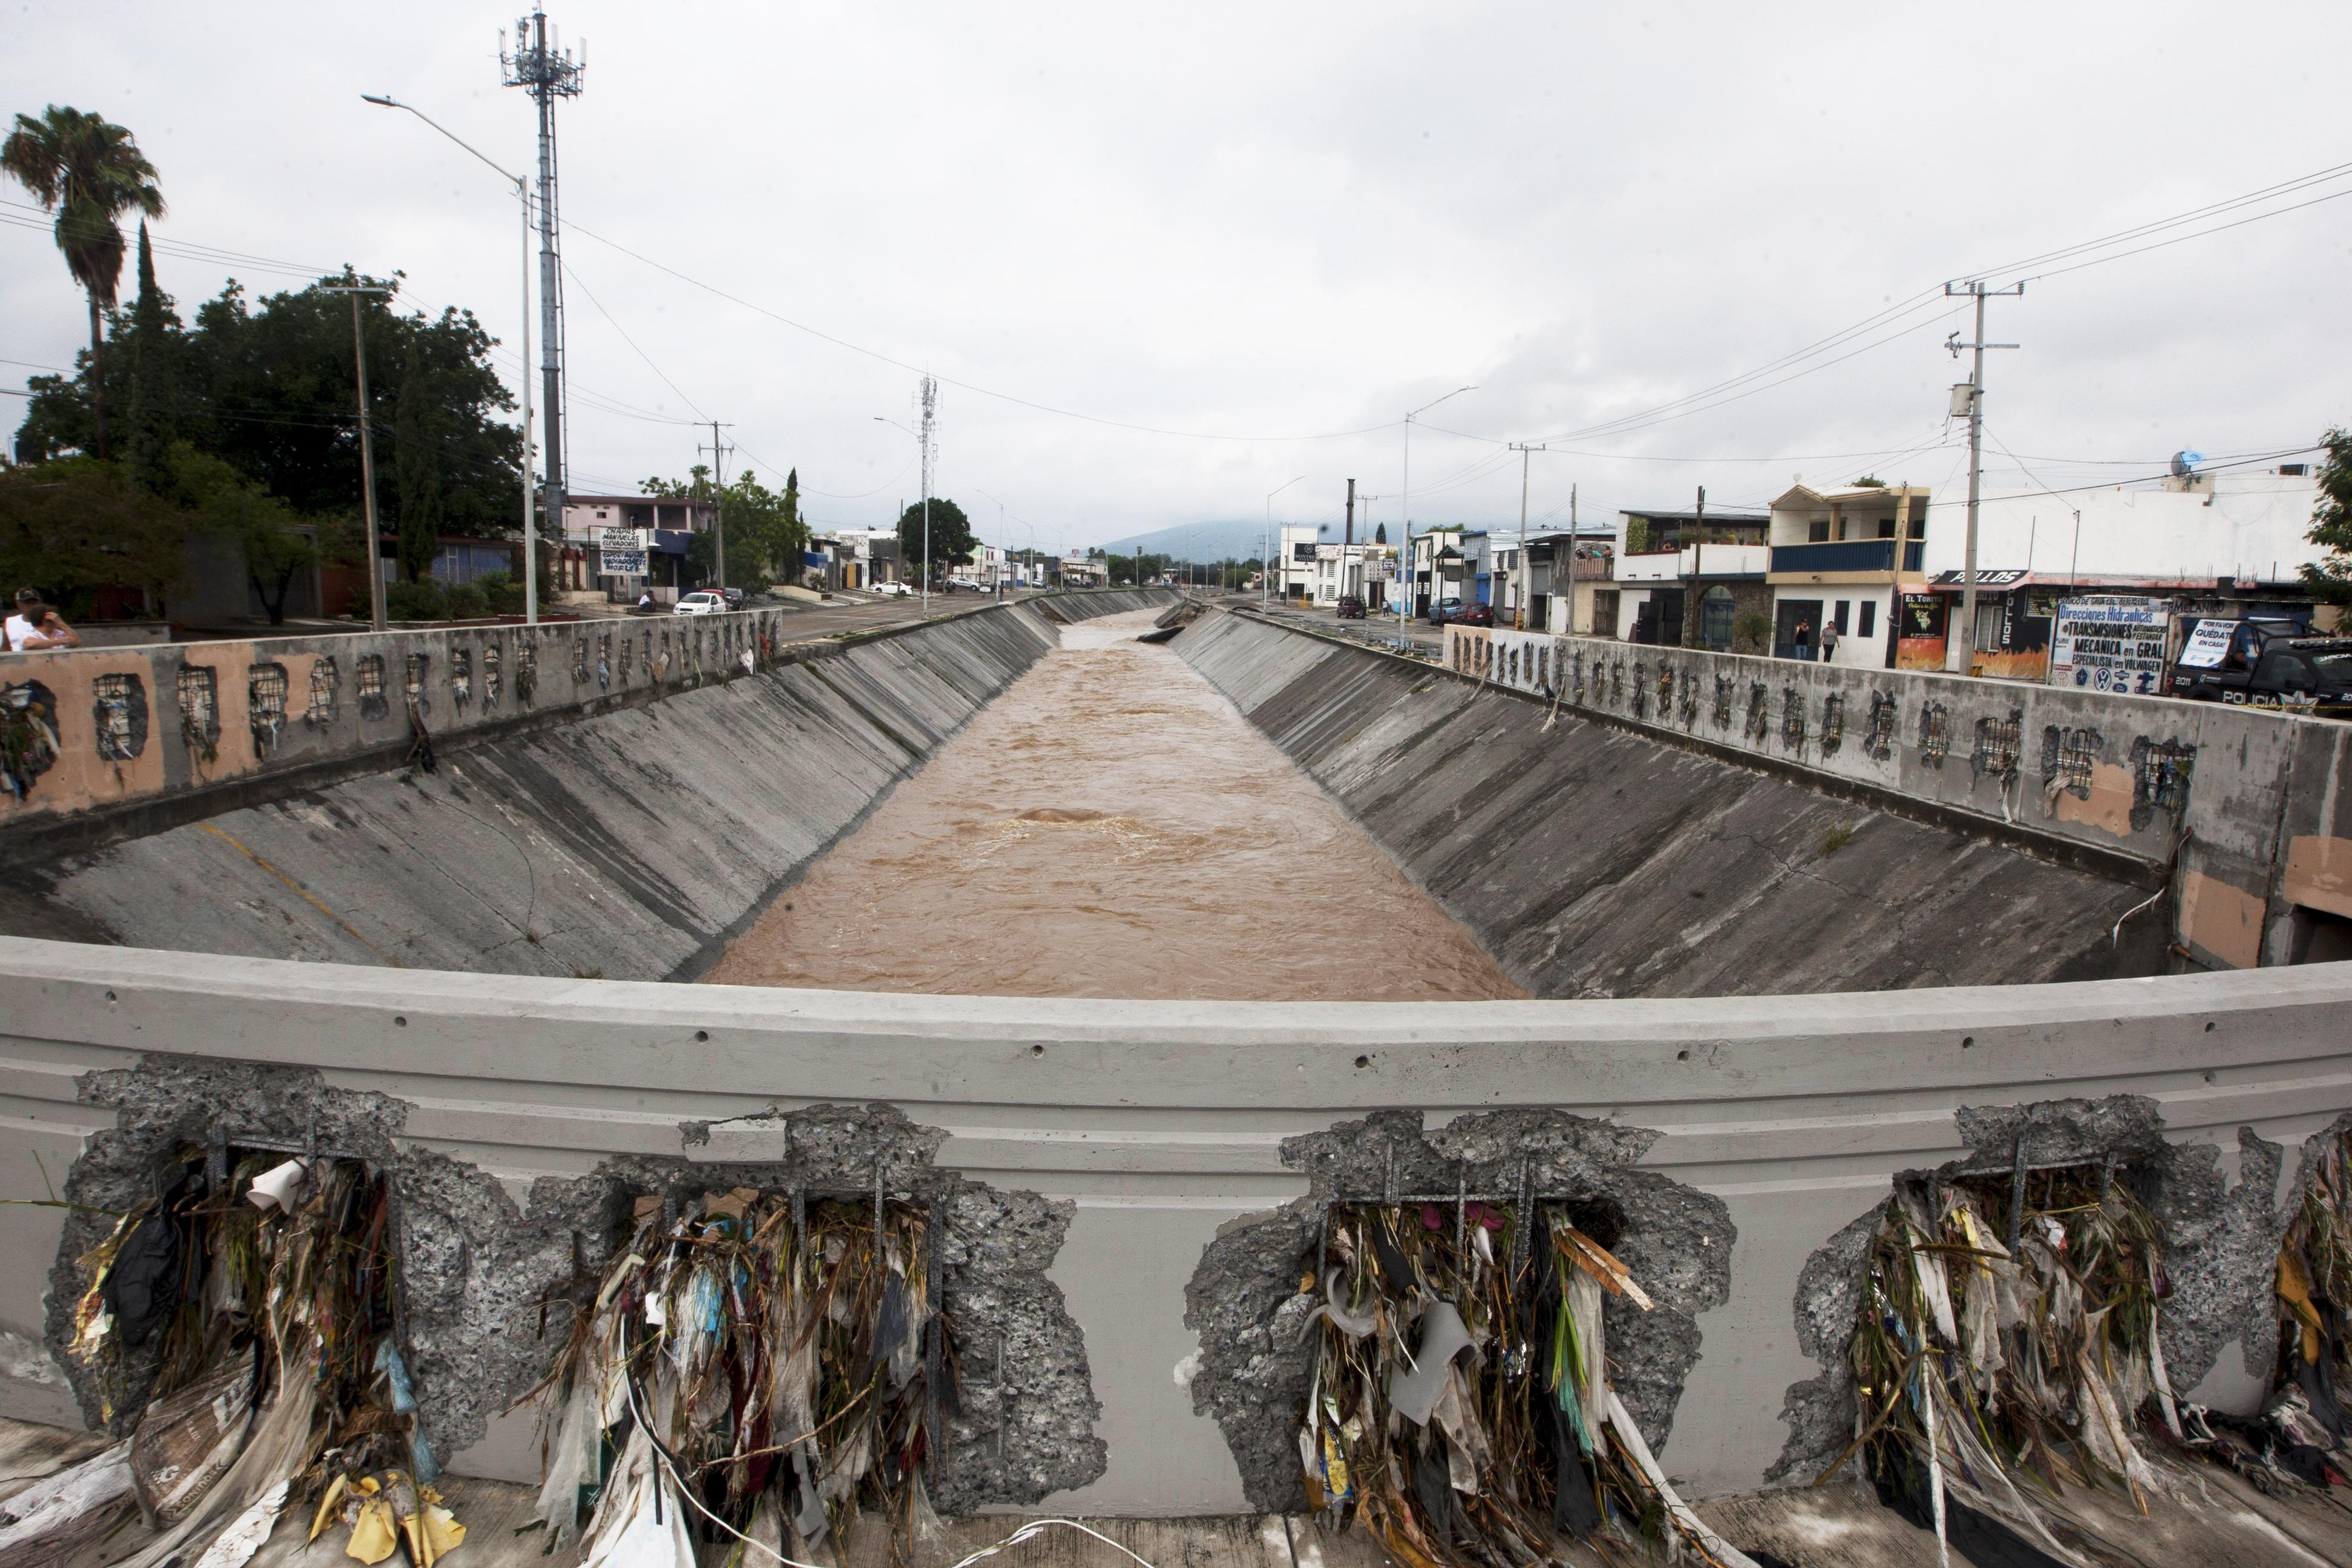 Vista del canal Topo Chico después de las fuertes lluvias por la tormenta Hanna en el área metropolitana de Monterrey, estado de Nuevo León, México, el 27 de julio de 2020.